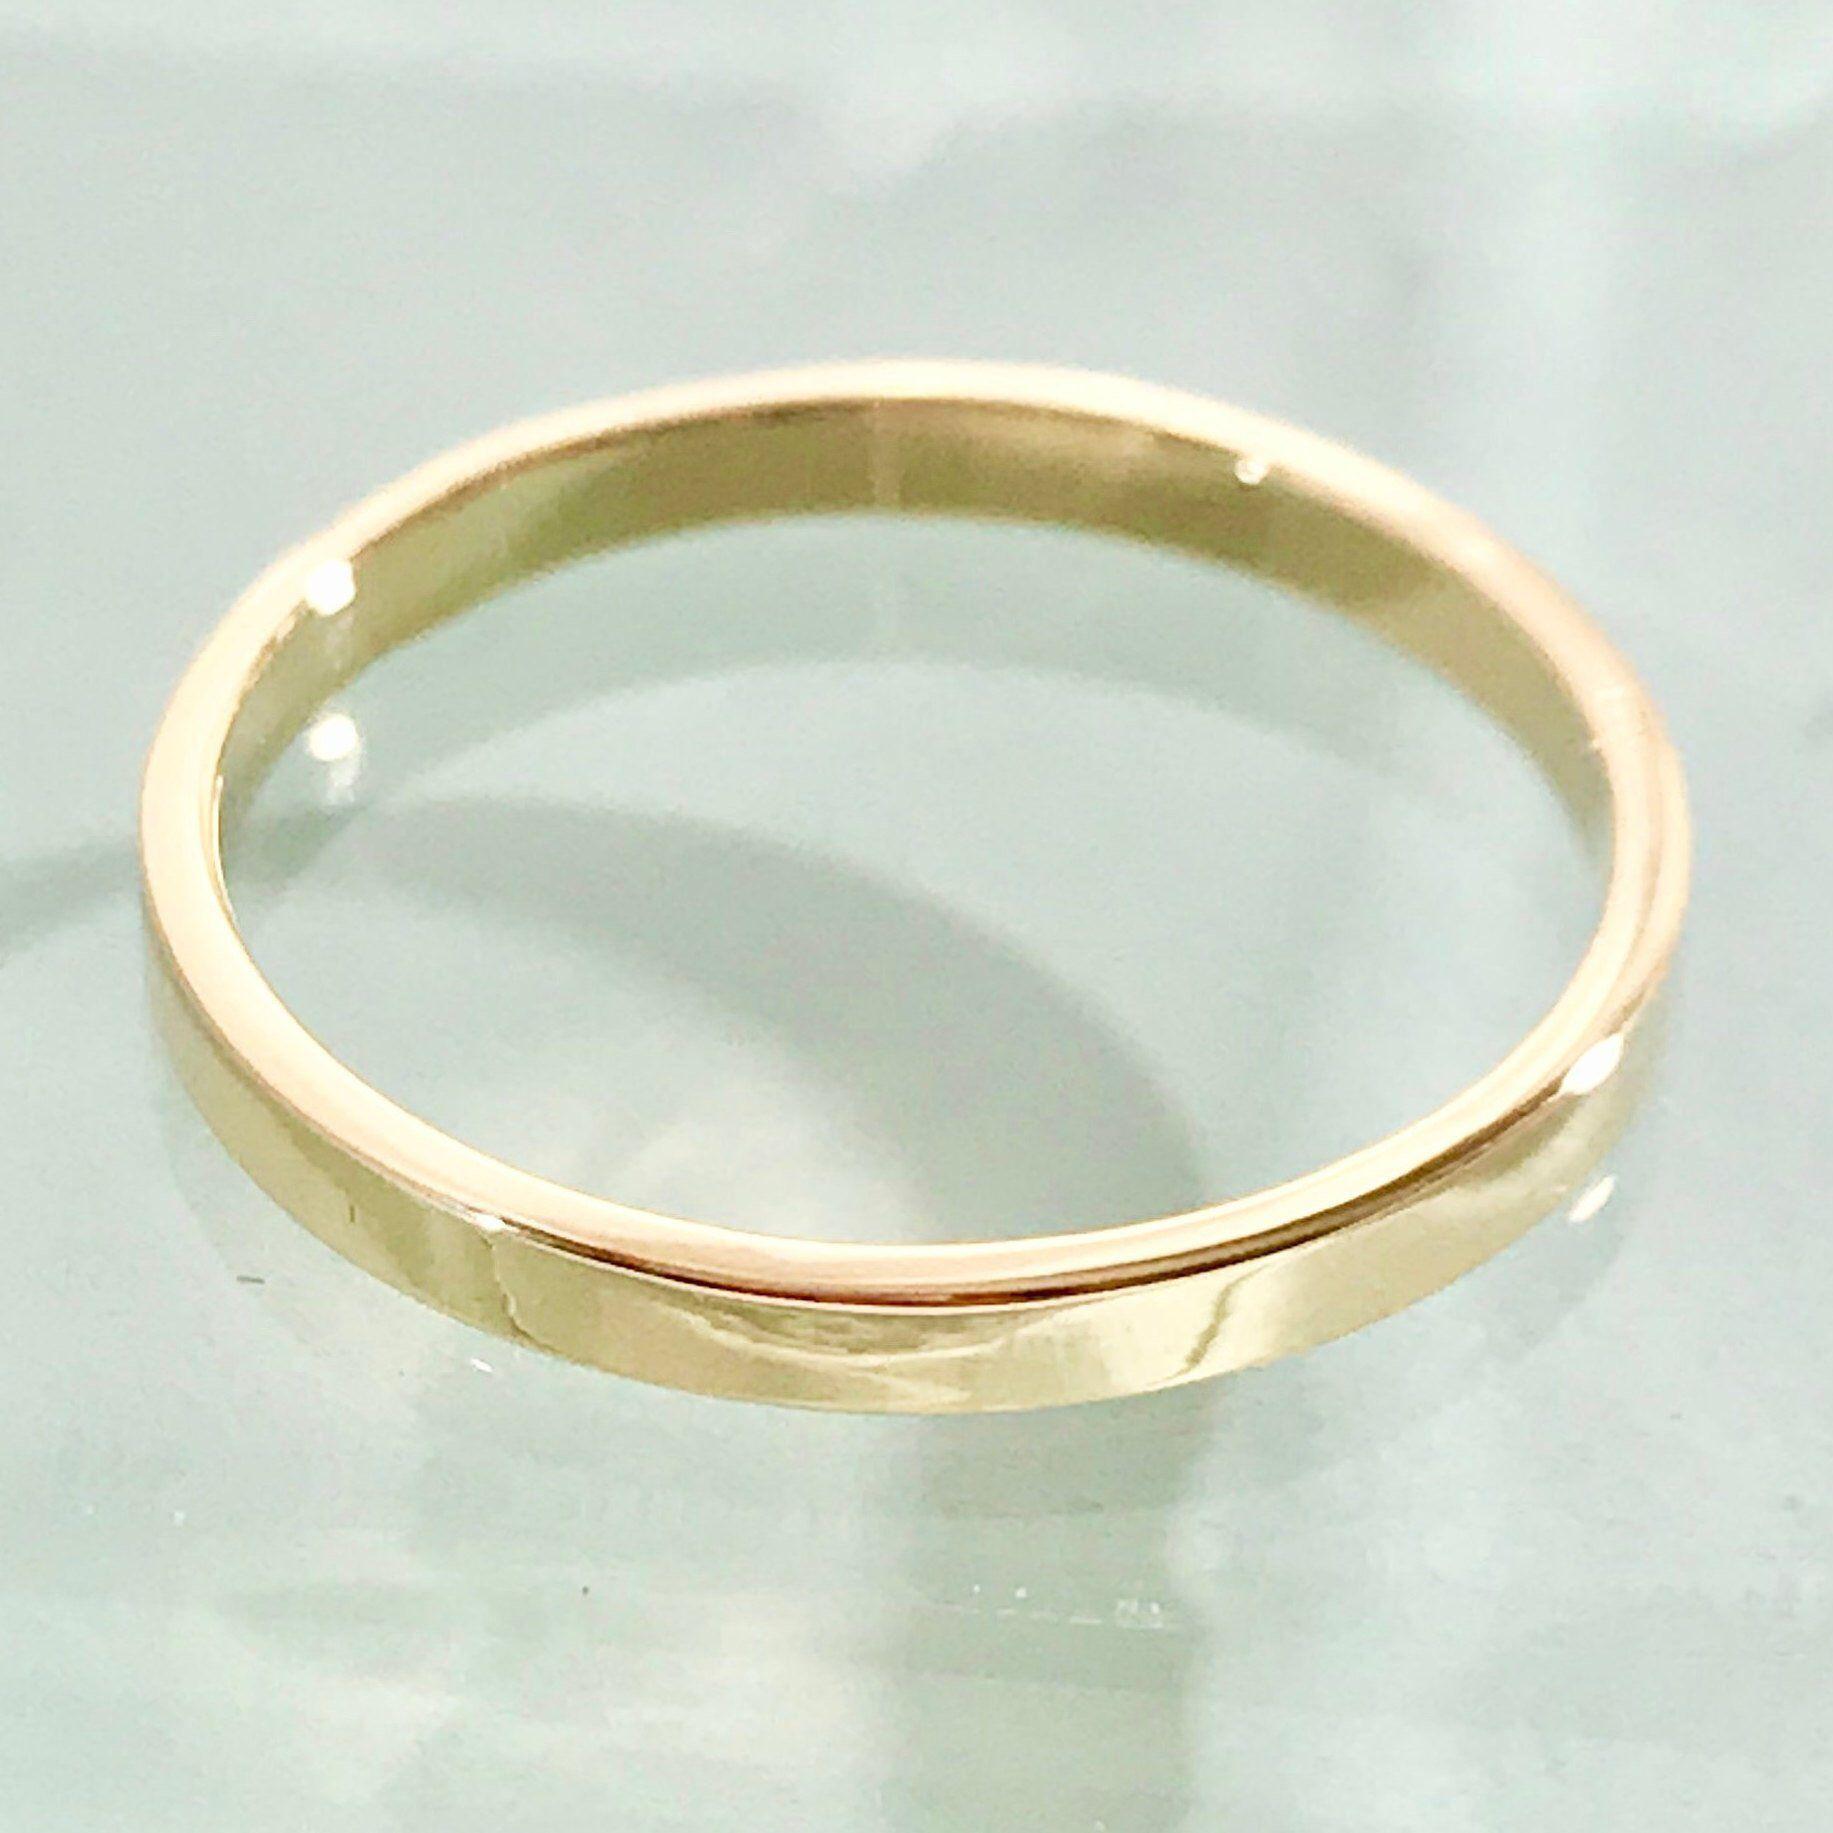 18k Wedding Ring 18k Wedding Band 18k Rectangle Ring 18k Etsy Wedding Ring 18k 18k Wedding Band Wedding Rings Round